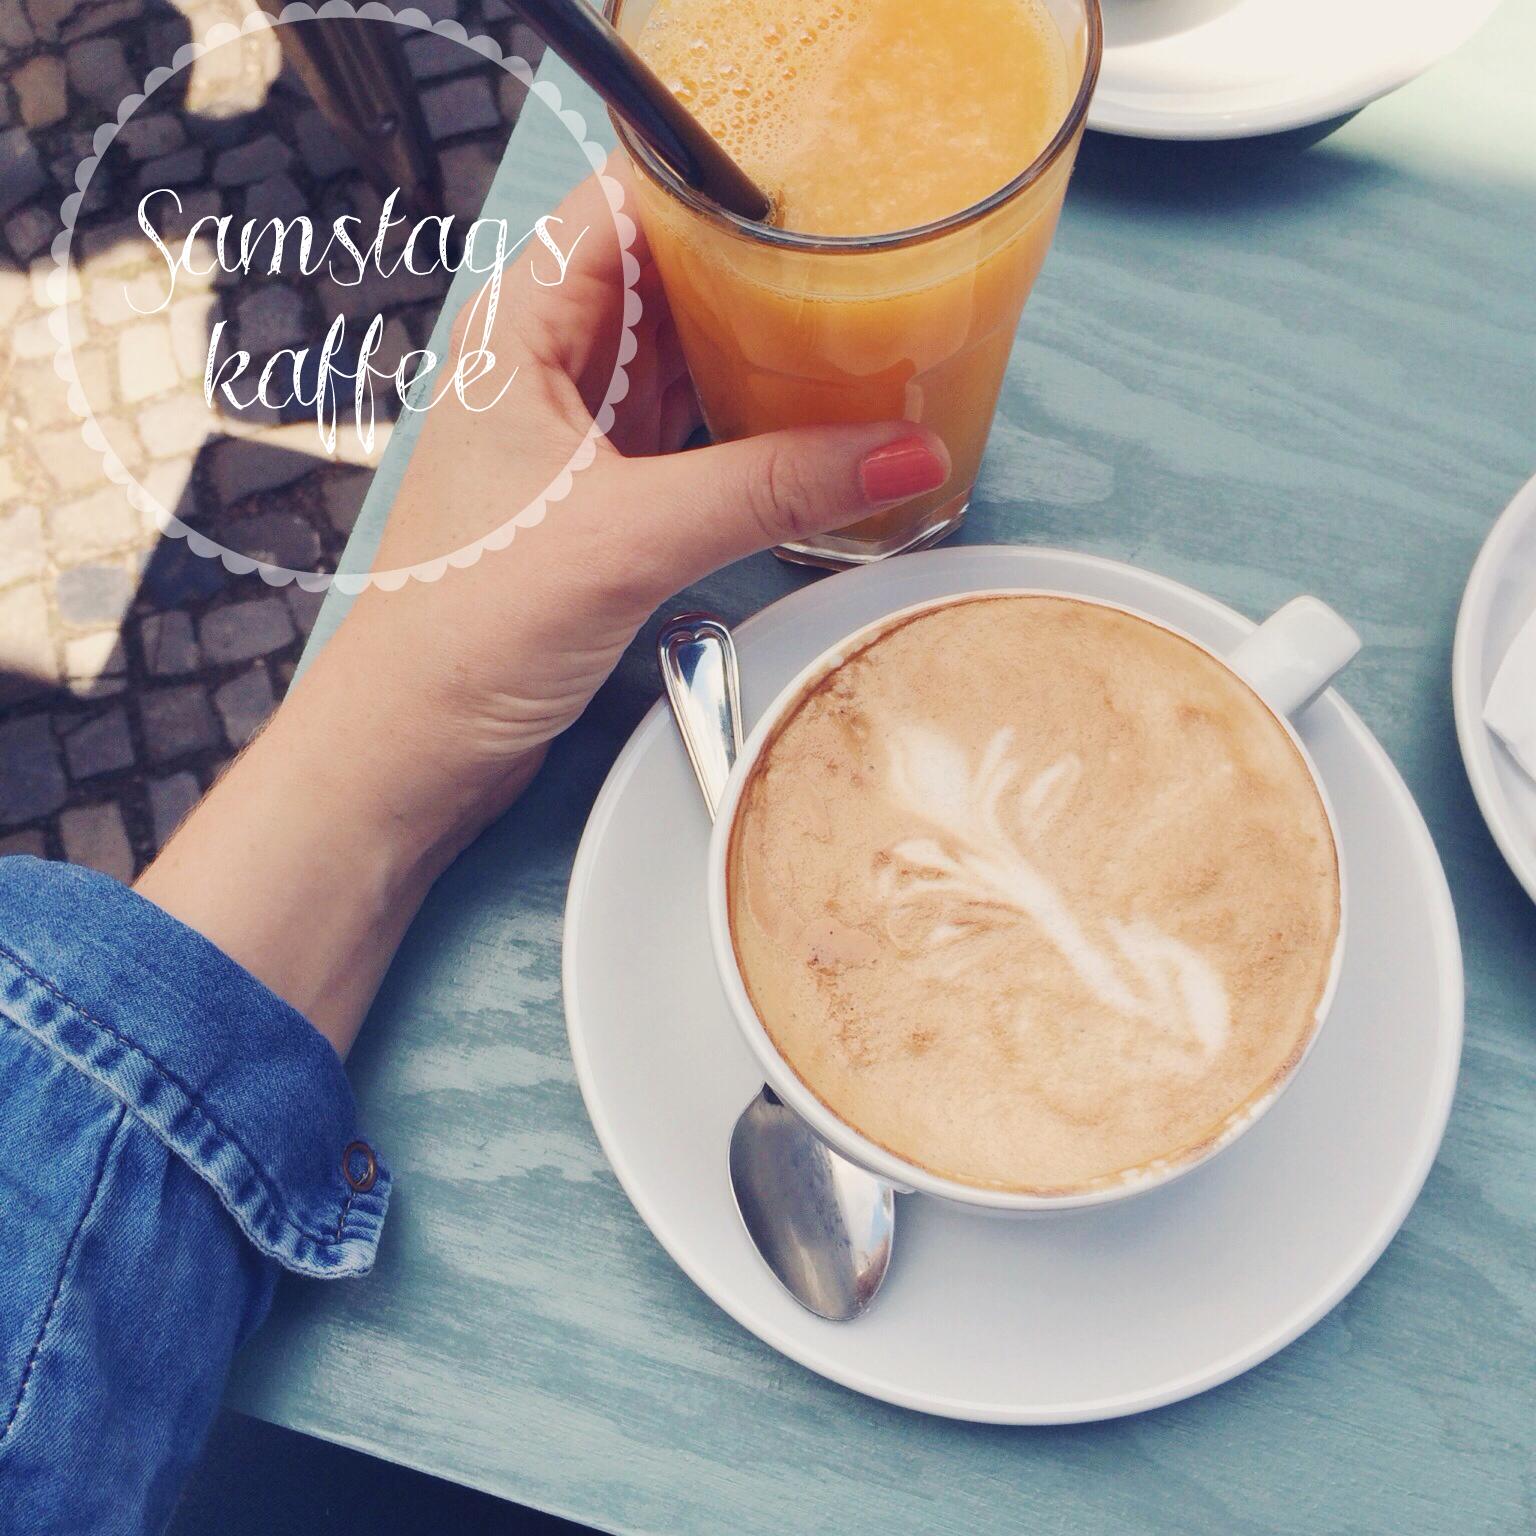 Samstagskaffee DaWanda Snuggery